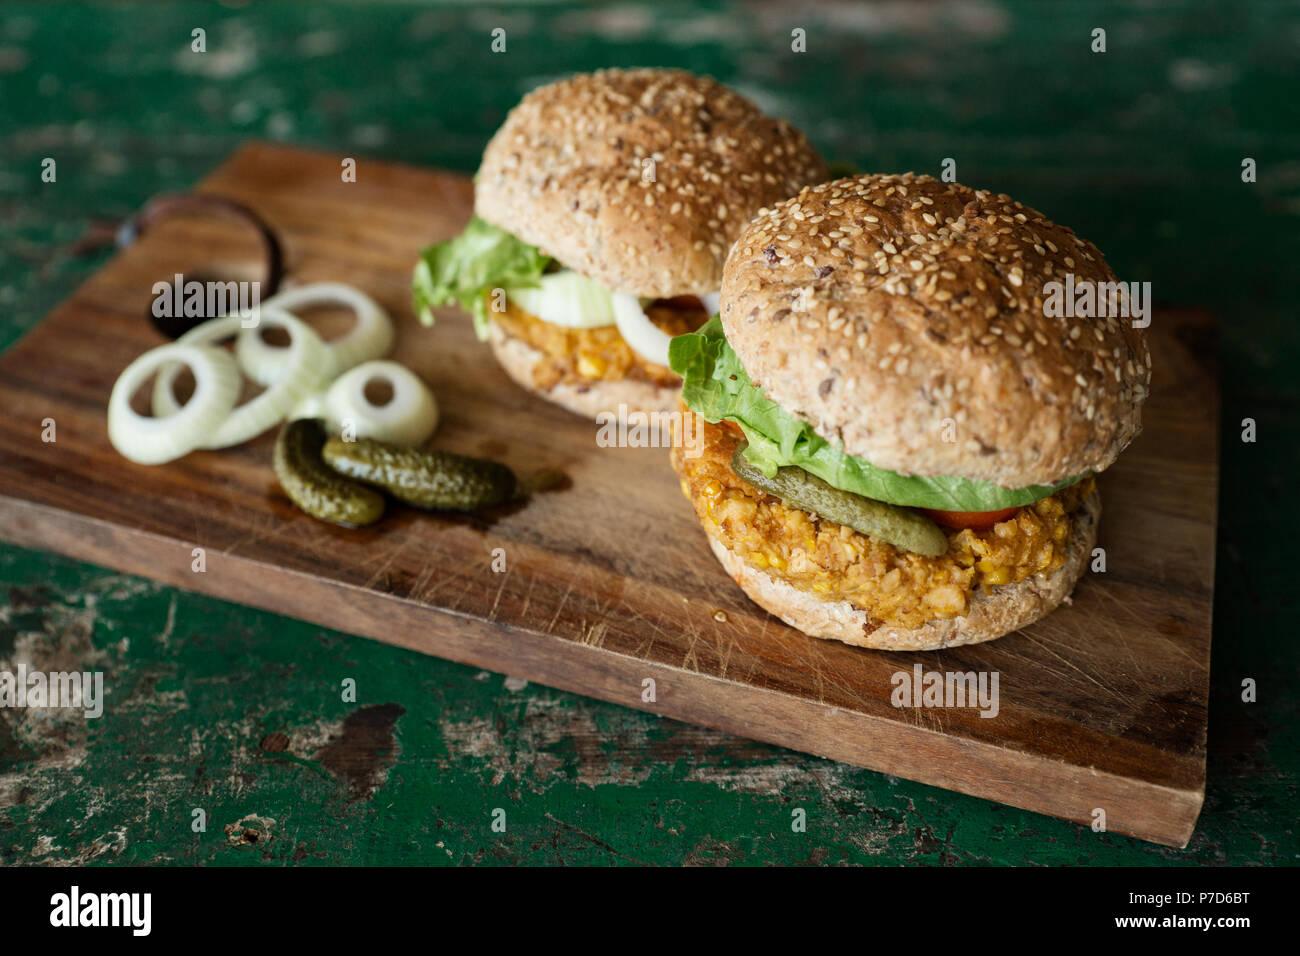 Vegane Burger mit Mais pattie, Essiggurken und Zwiebeln, essen Noch-leben, Studio shot Stockbild